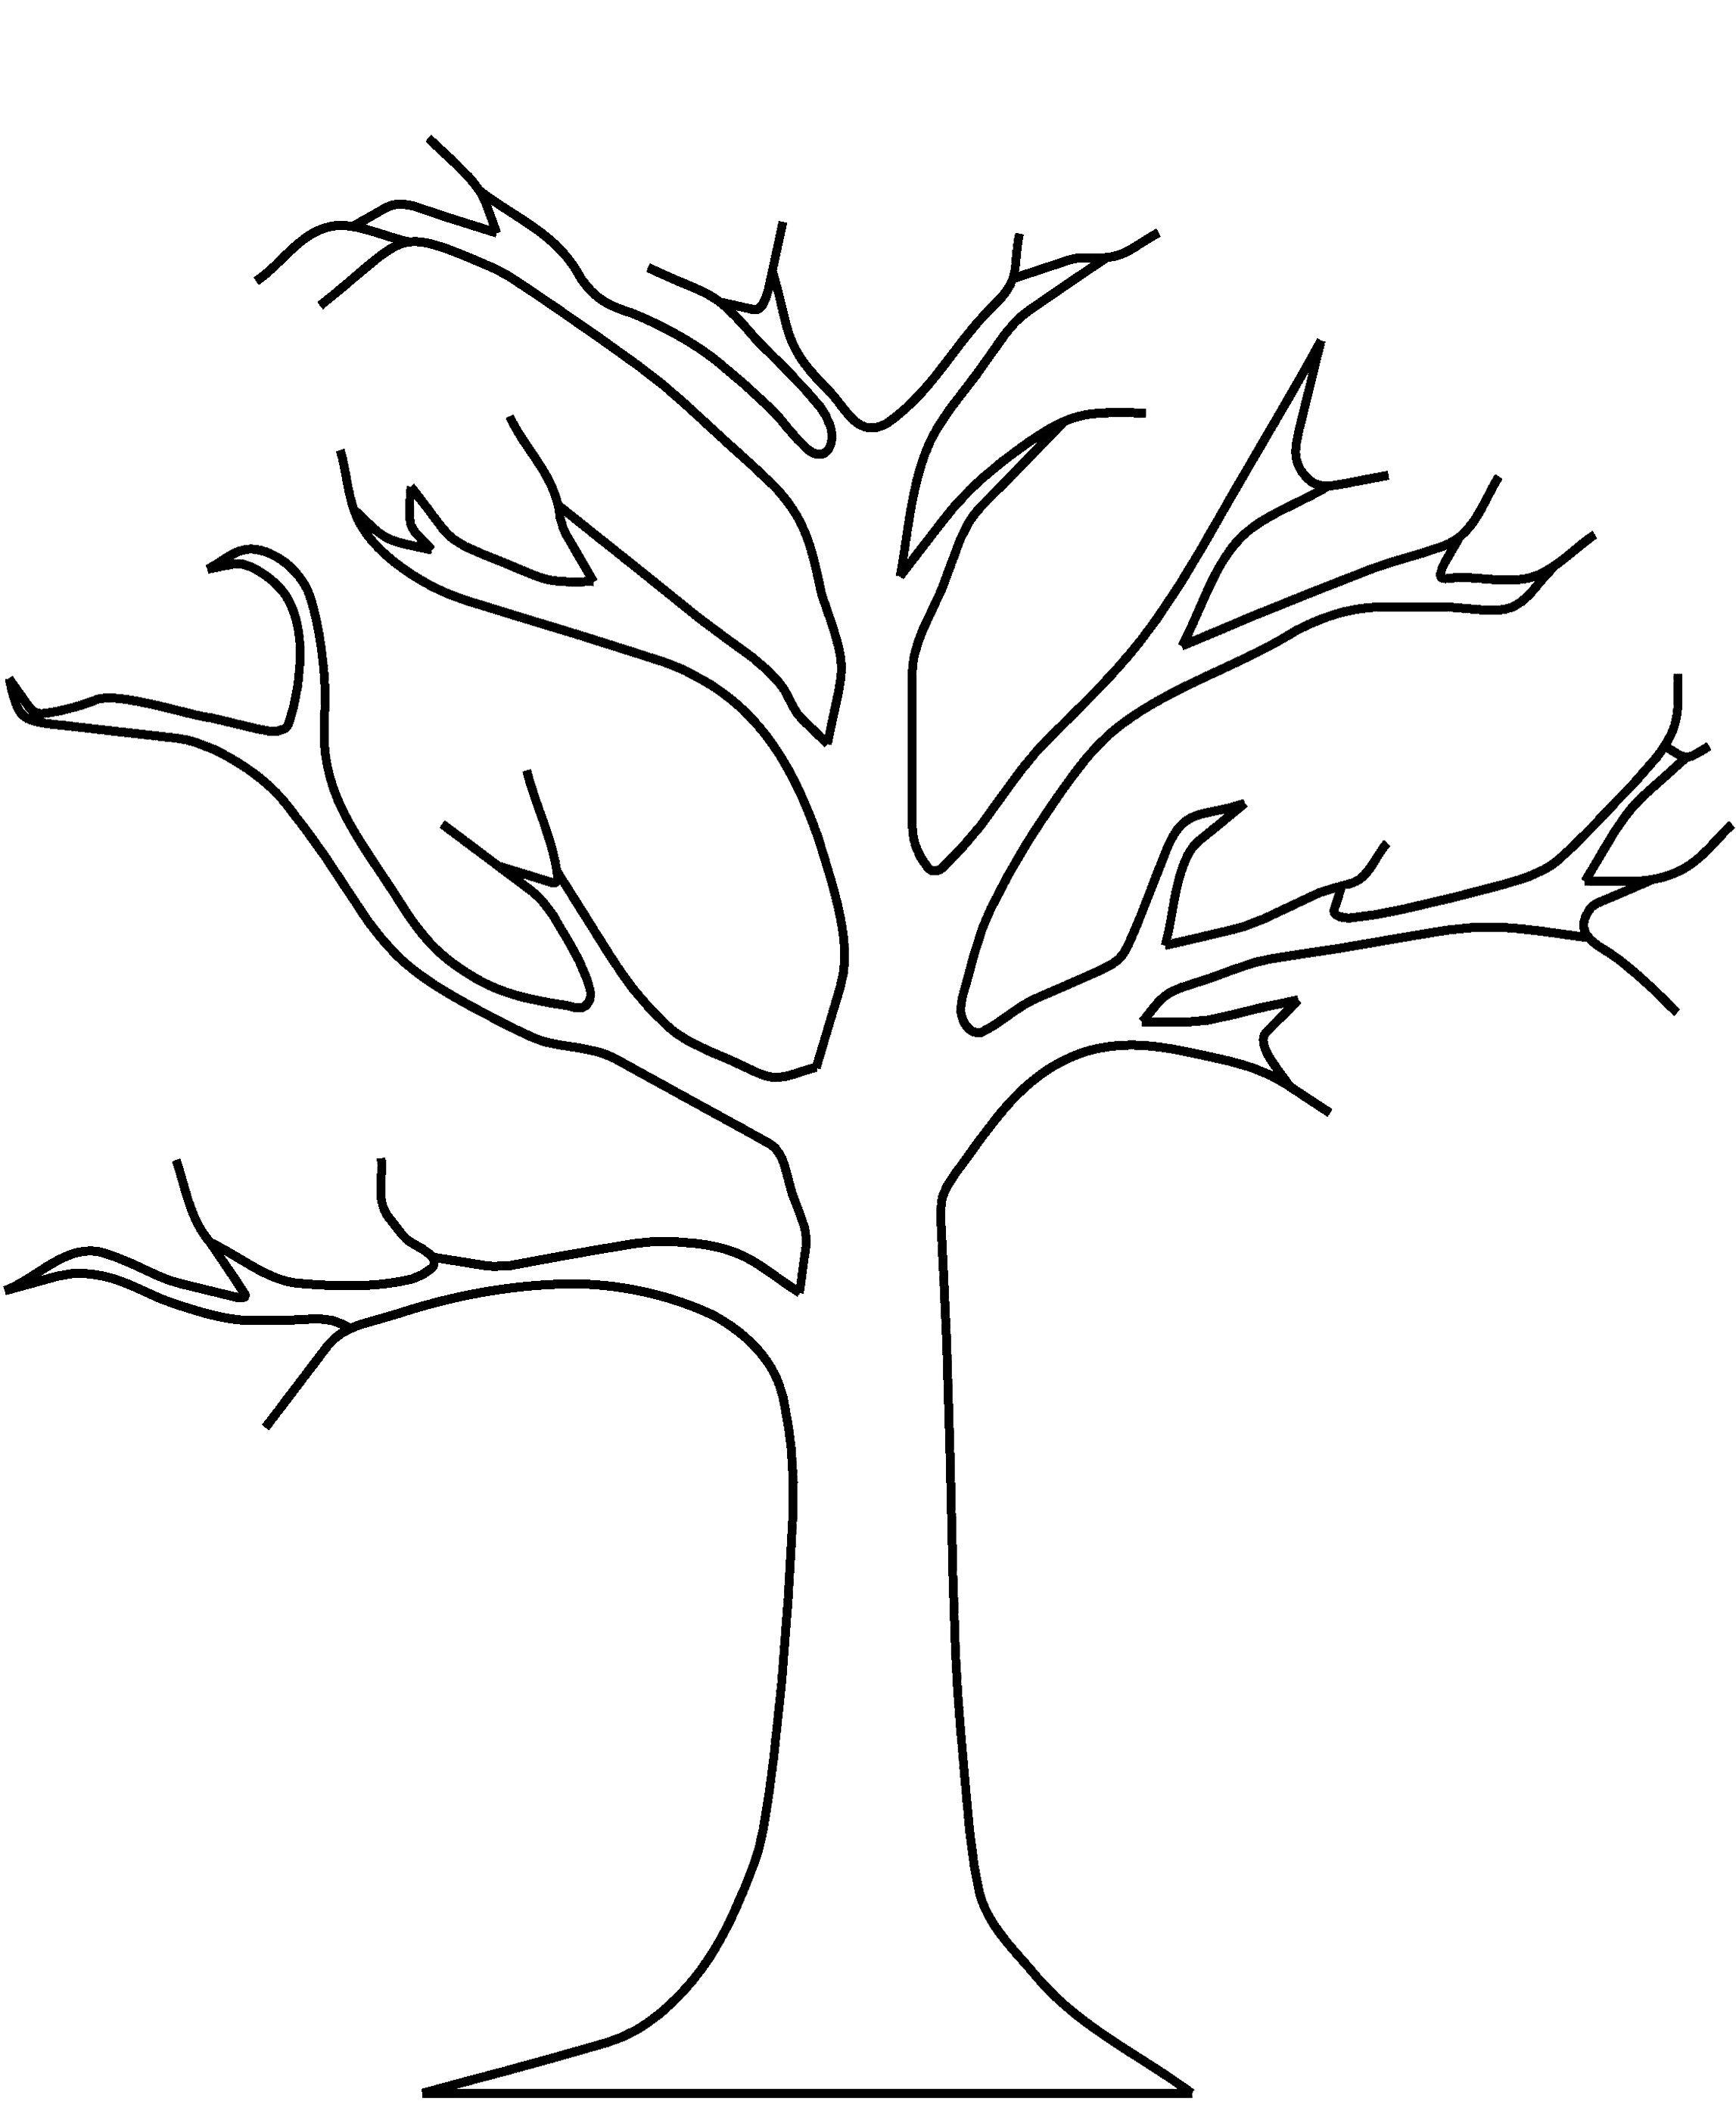 Image From Http Www Childcoloring Net Wp Content Uploads 2013 12 Pictures Apple Tree Without Leav Boyama Sayfalari Boyama Sayfalari Mandala Sonbahar Agaclari